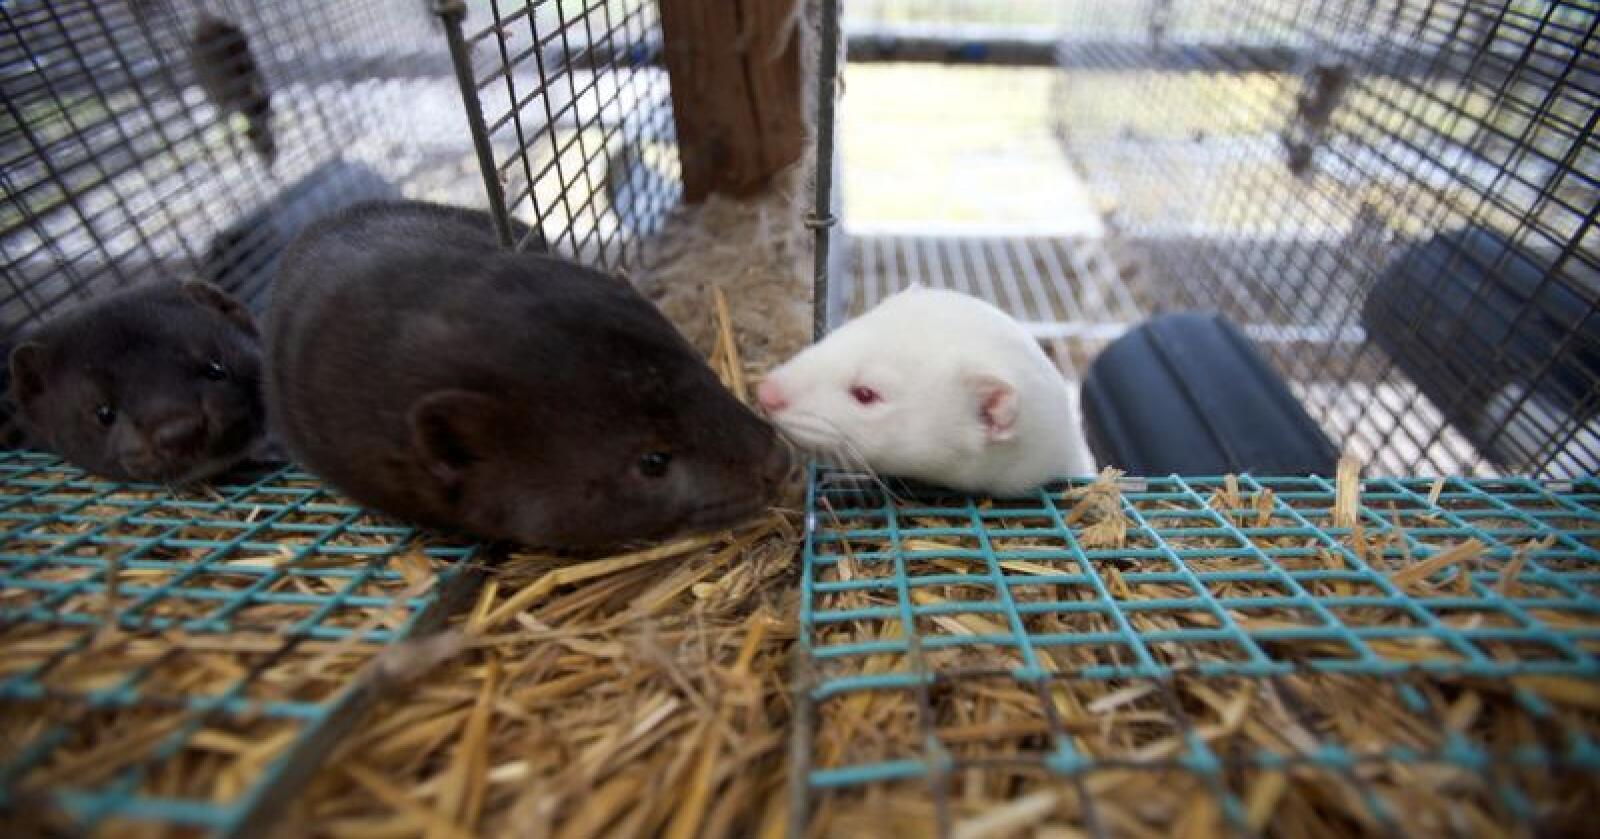 Foto av mink på en pelsdyrfarm. Det er usikkert om pelsdyrforliket vil få flertall i Stortinget. Foto: Alf Ove Hansen / NTB scanpix